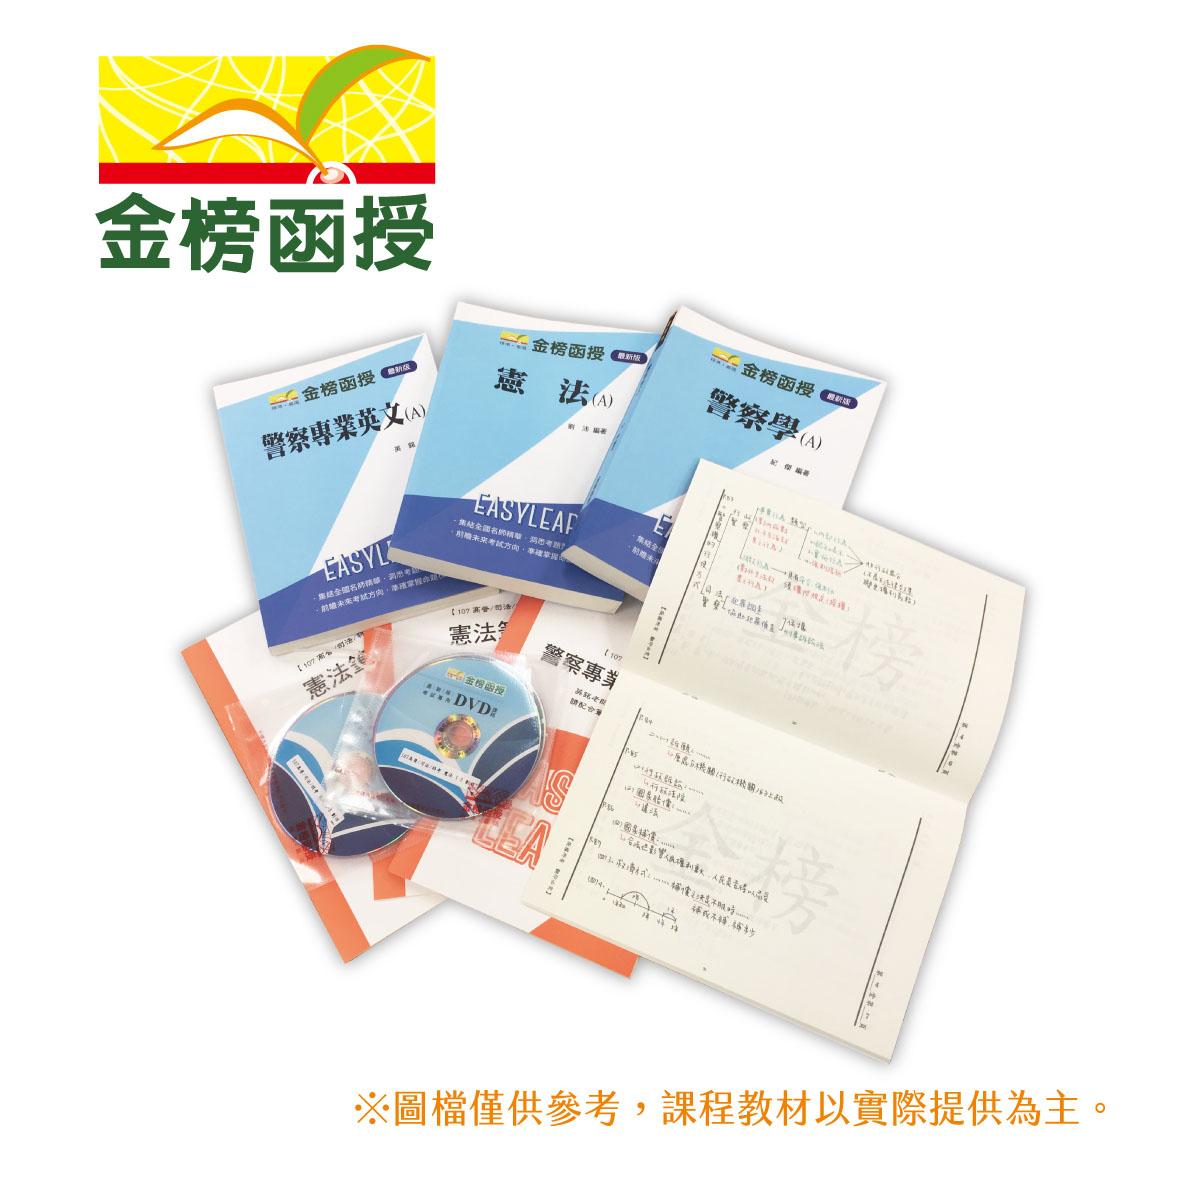 108金榜函授/初等考/全套/人事行政/DVD